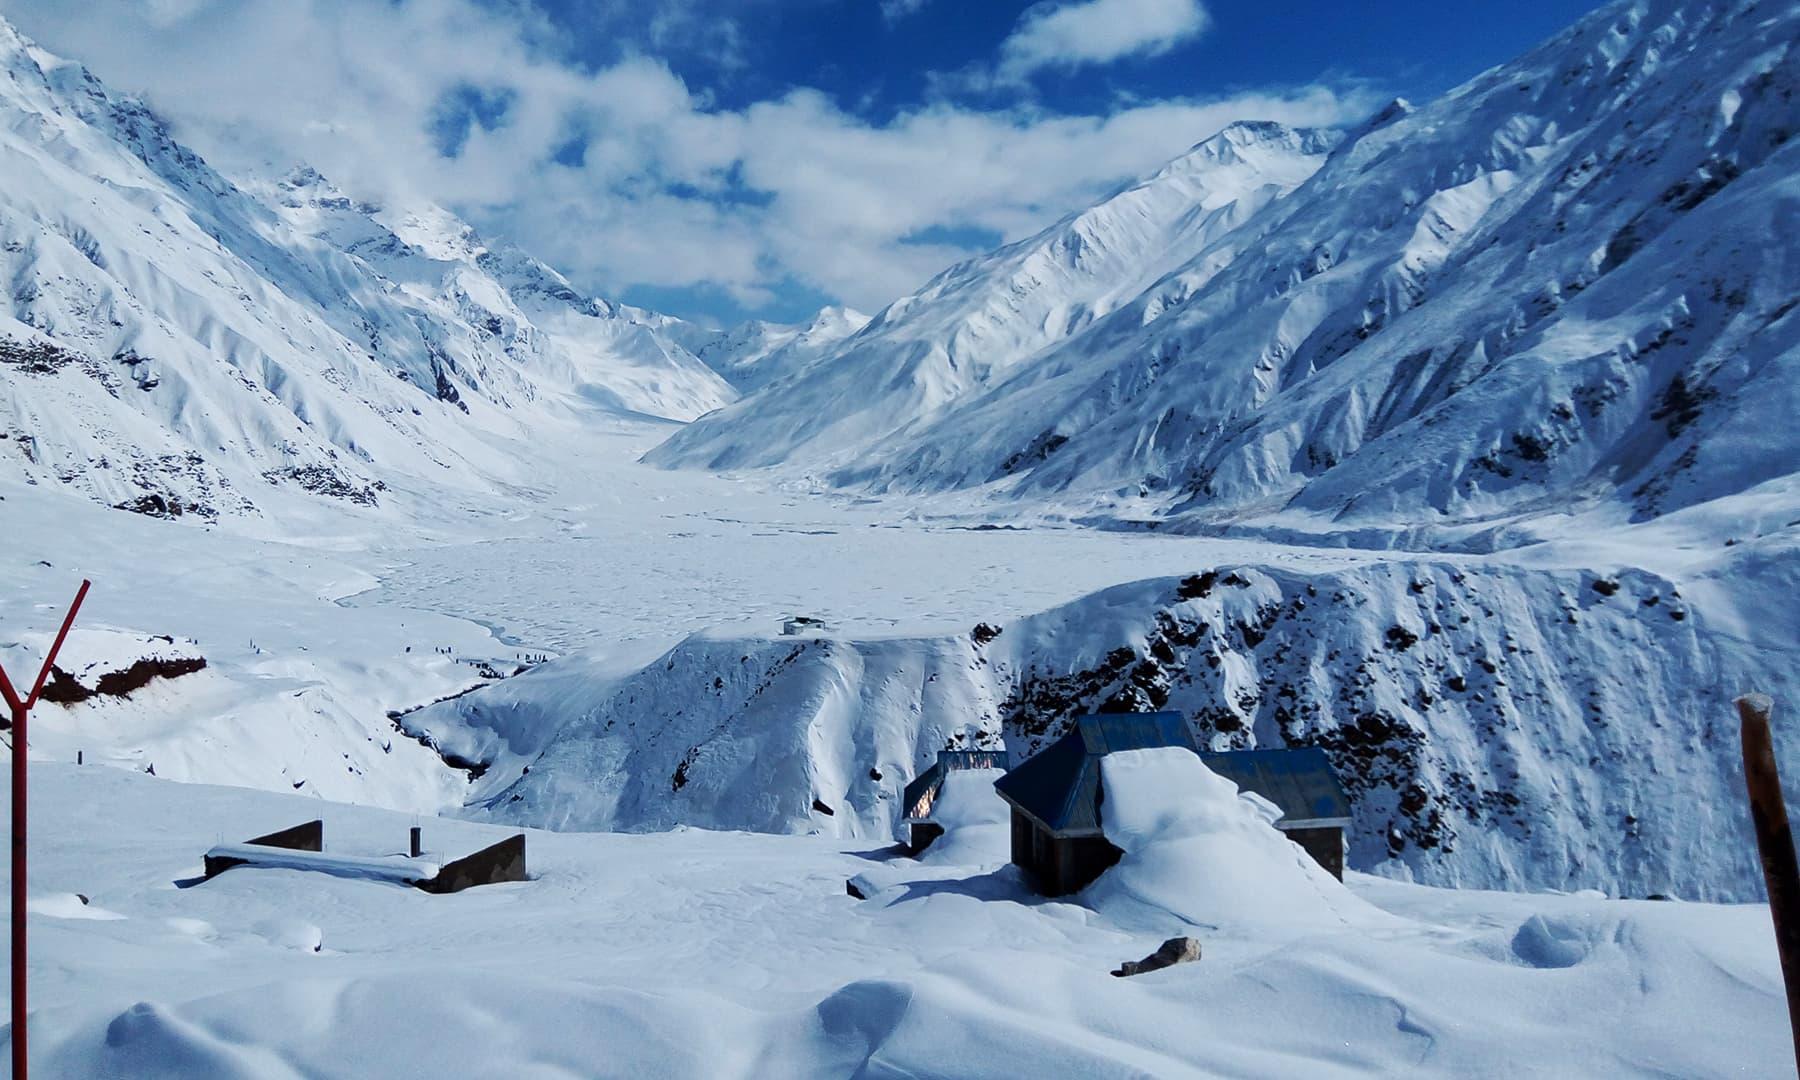 21 اپریل 2018ء کو چمکتی دمکتی برف میں ڈوبی جھیل سیف الملوک کی ایک تصویر—تصویر عظمت اکبر